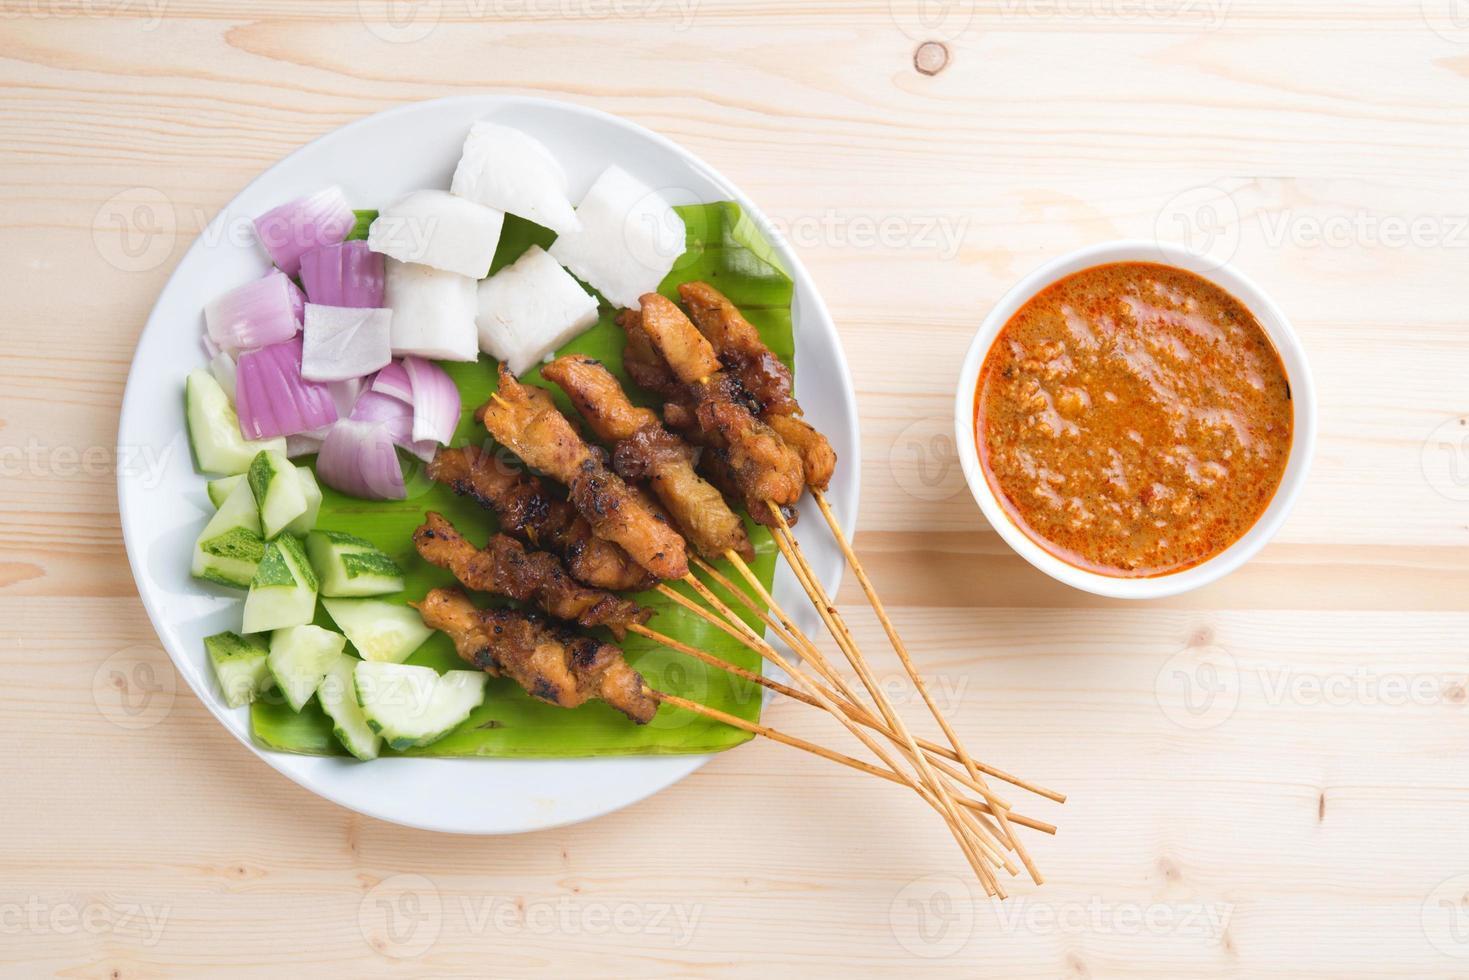 satay de poulet gastronomique asiatique photo